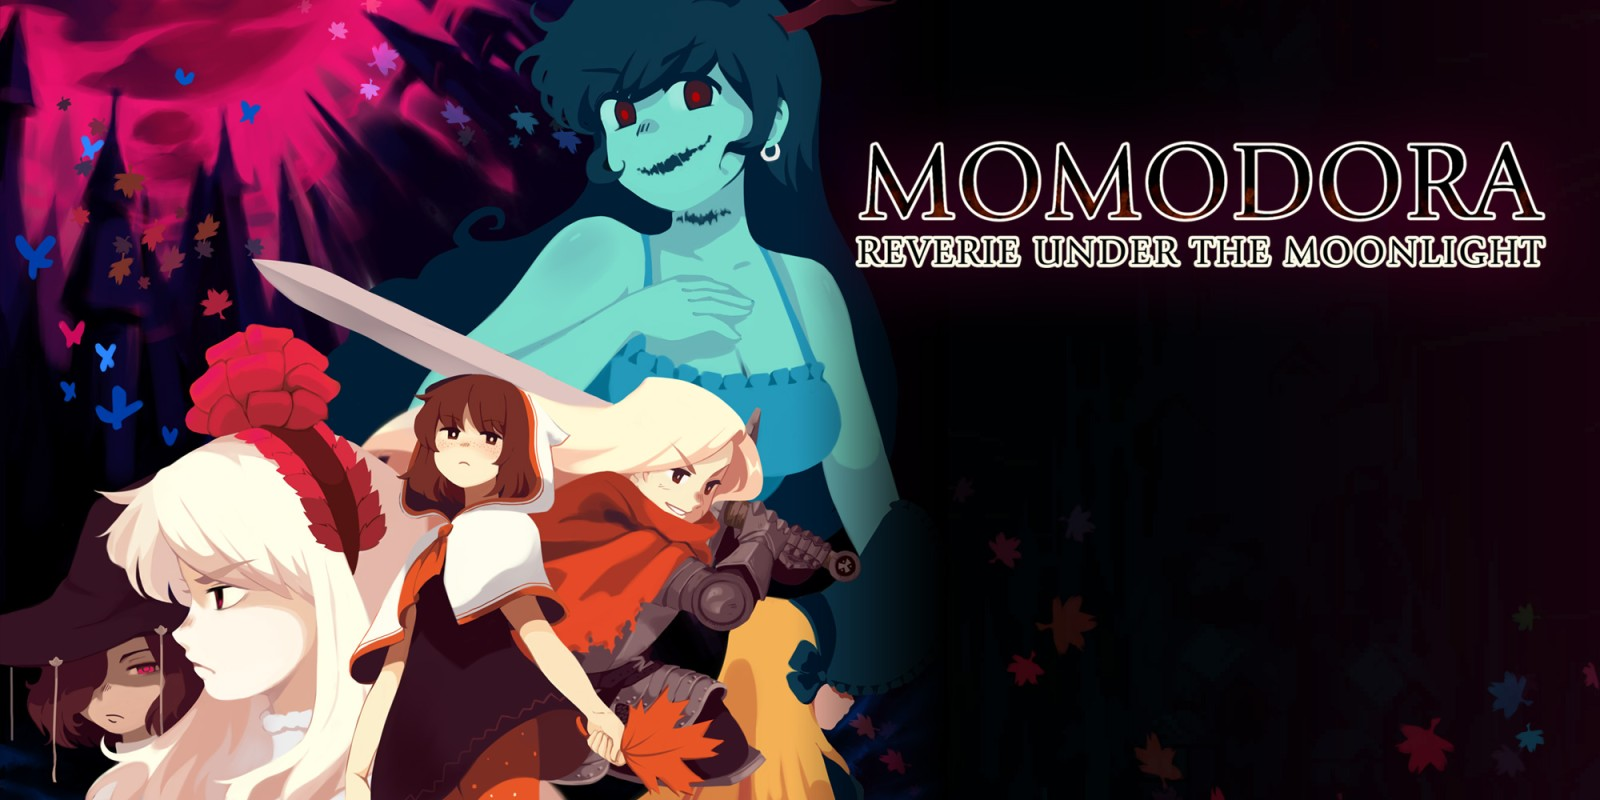 [Switch] Momodora: Reverie Under the Moonlight ganhará edição física pela Limited Run Games